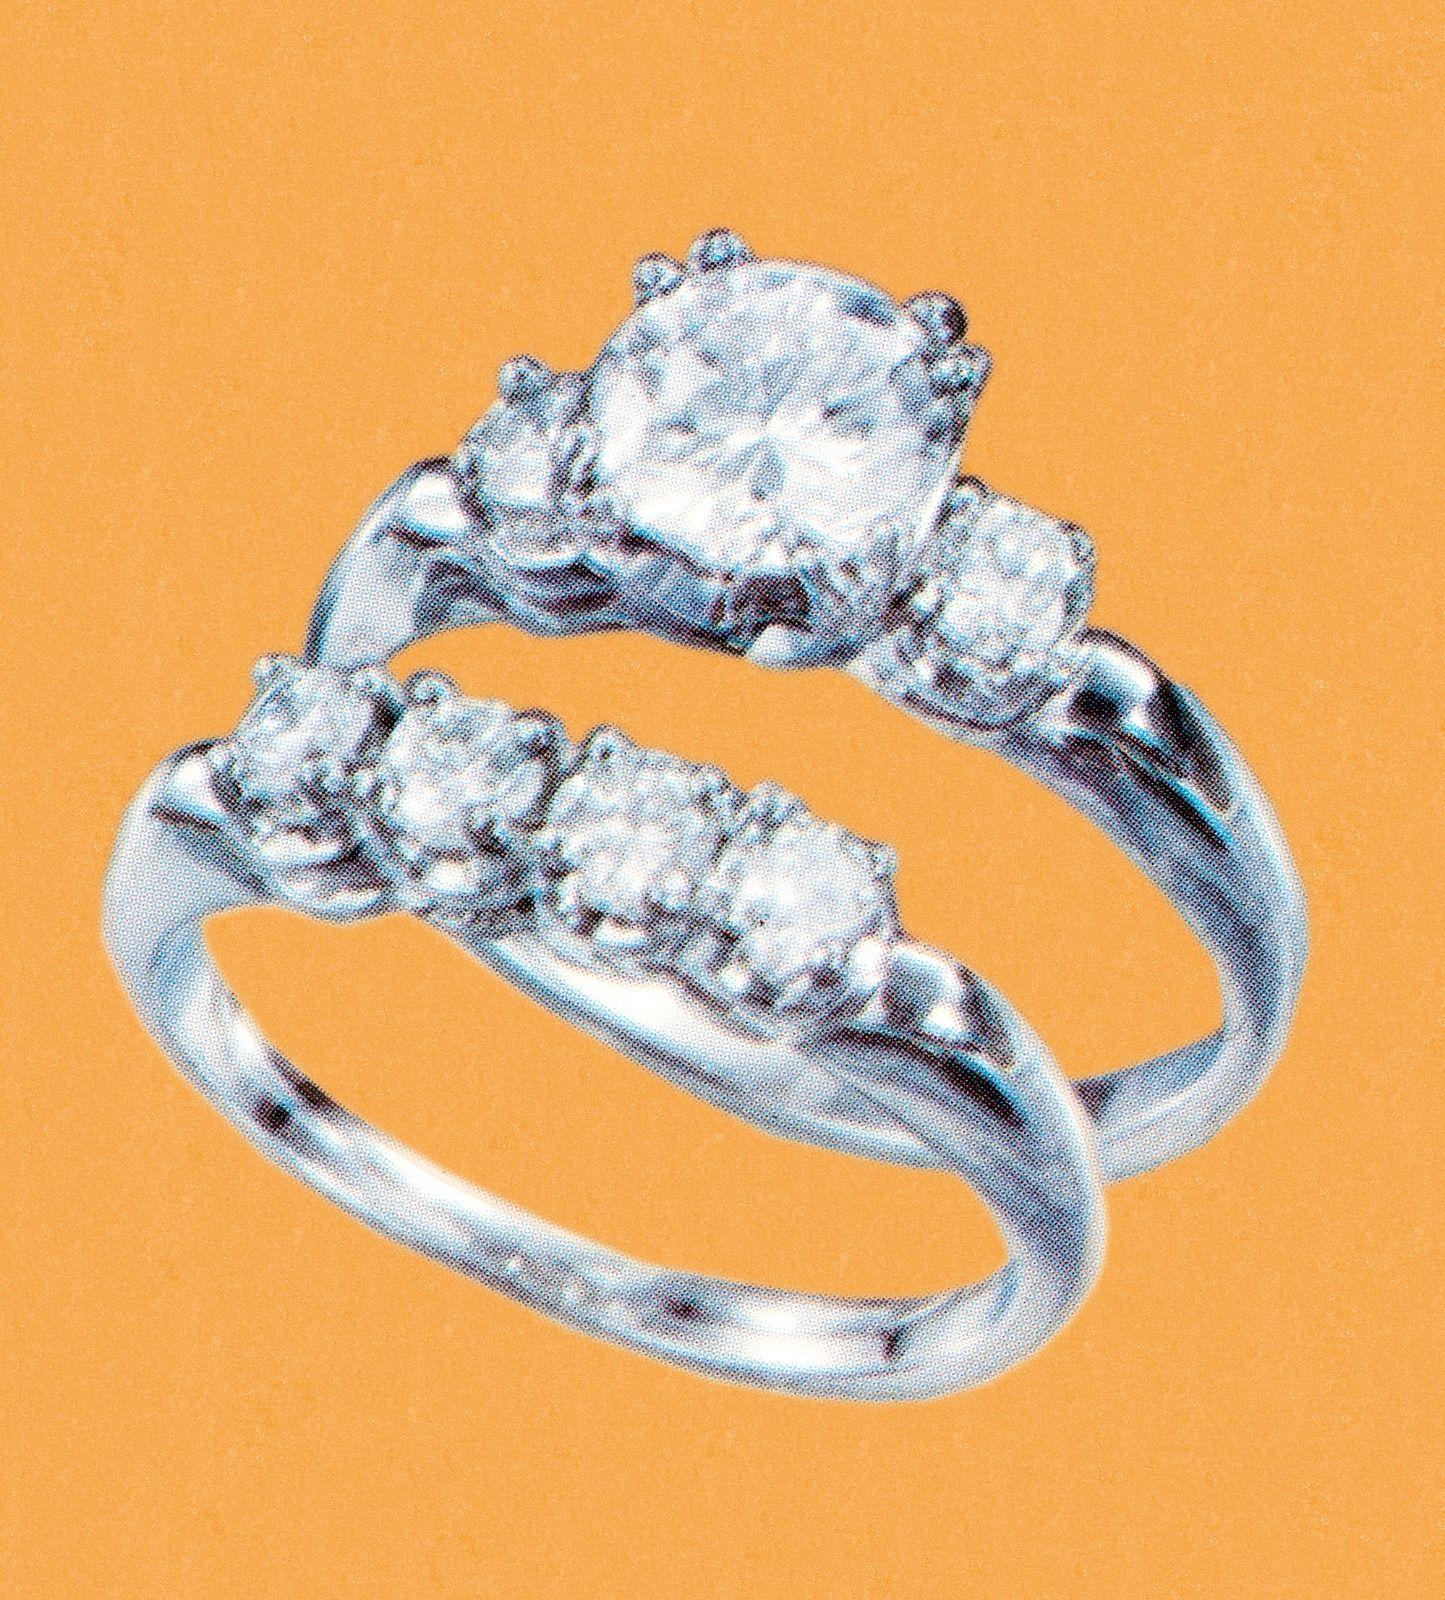 Si possono indossare i diamanti di giorno?